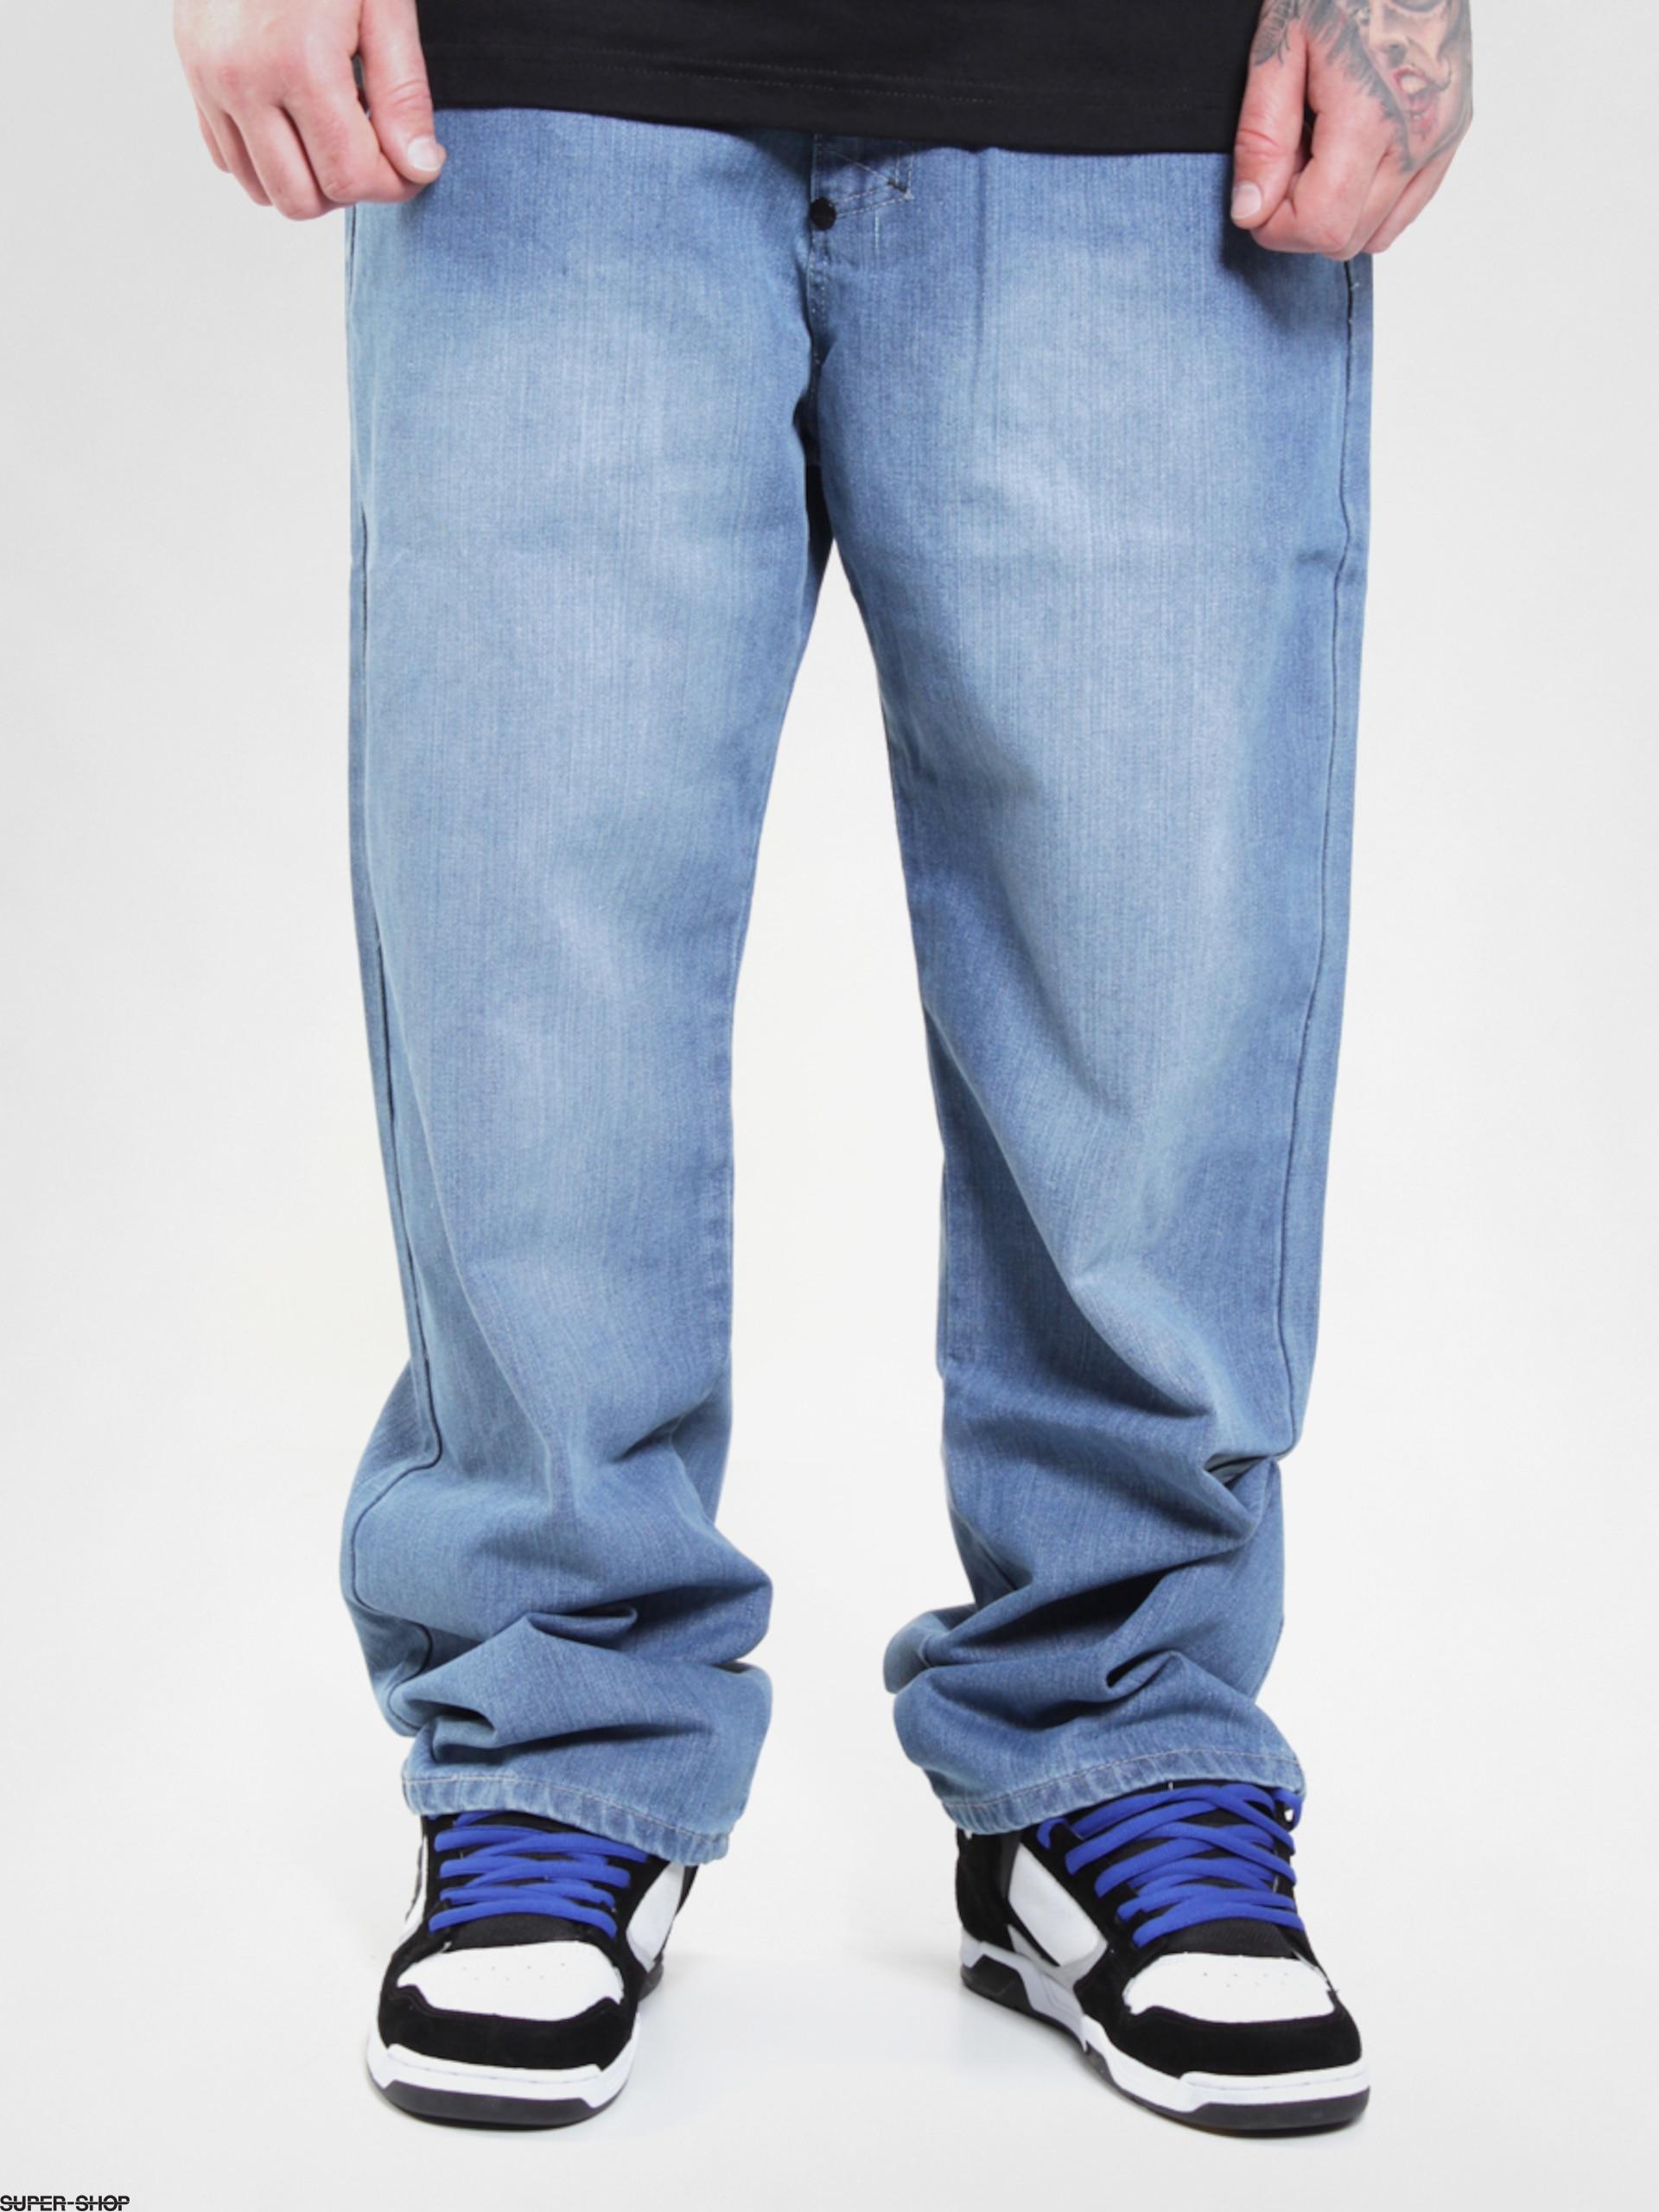 oryginalne buty ekskluzywne buty sprzedaż online MassDnm pants Mass Mamooth (jasno-blue)